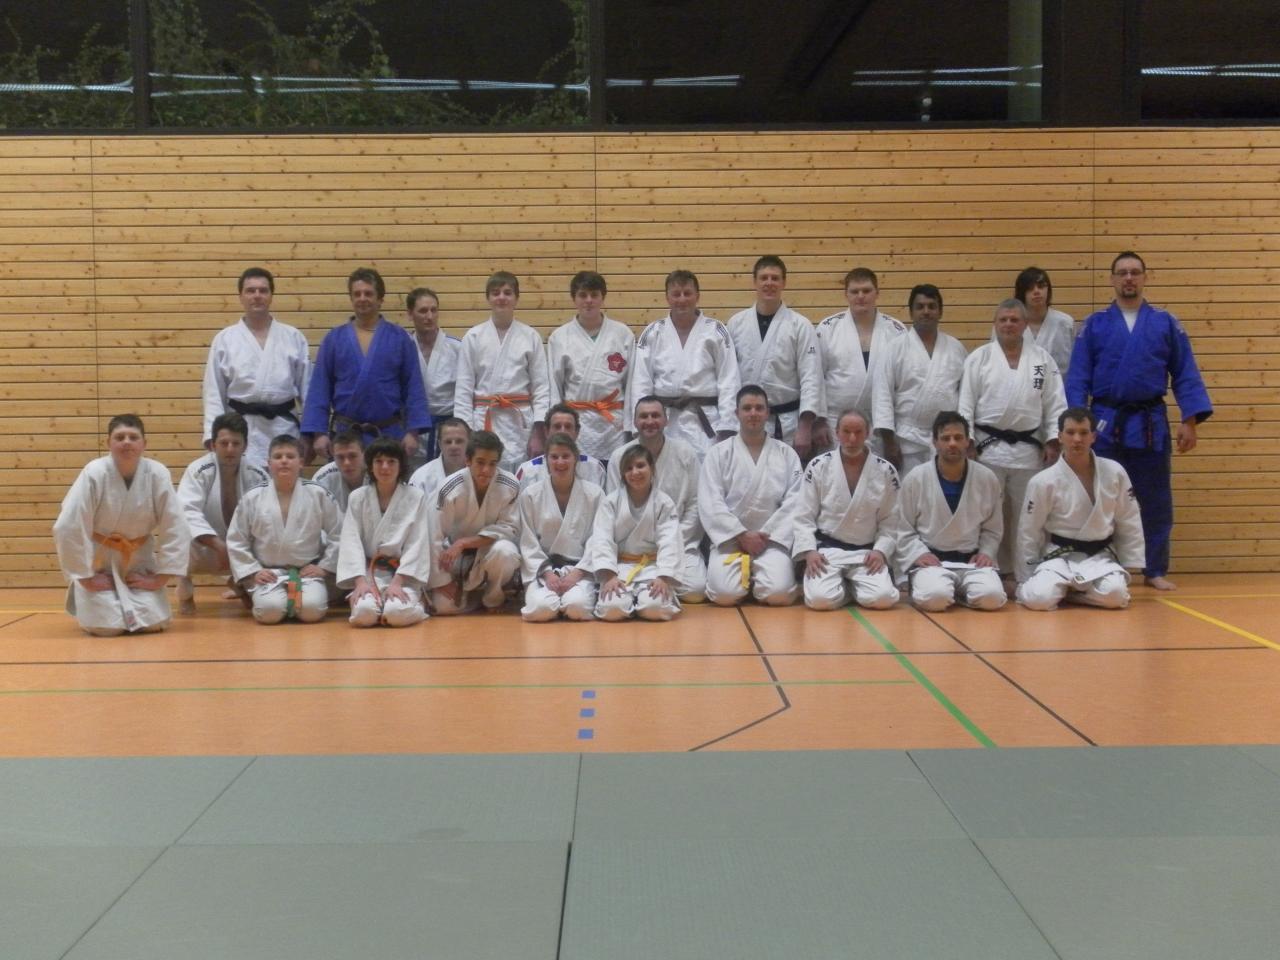 Entrainement à Gersheim le 11 janvier 2013